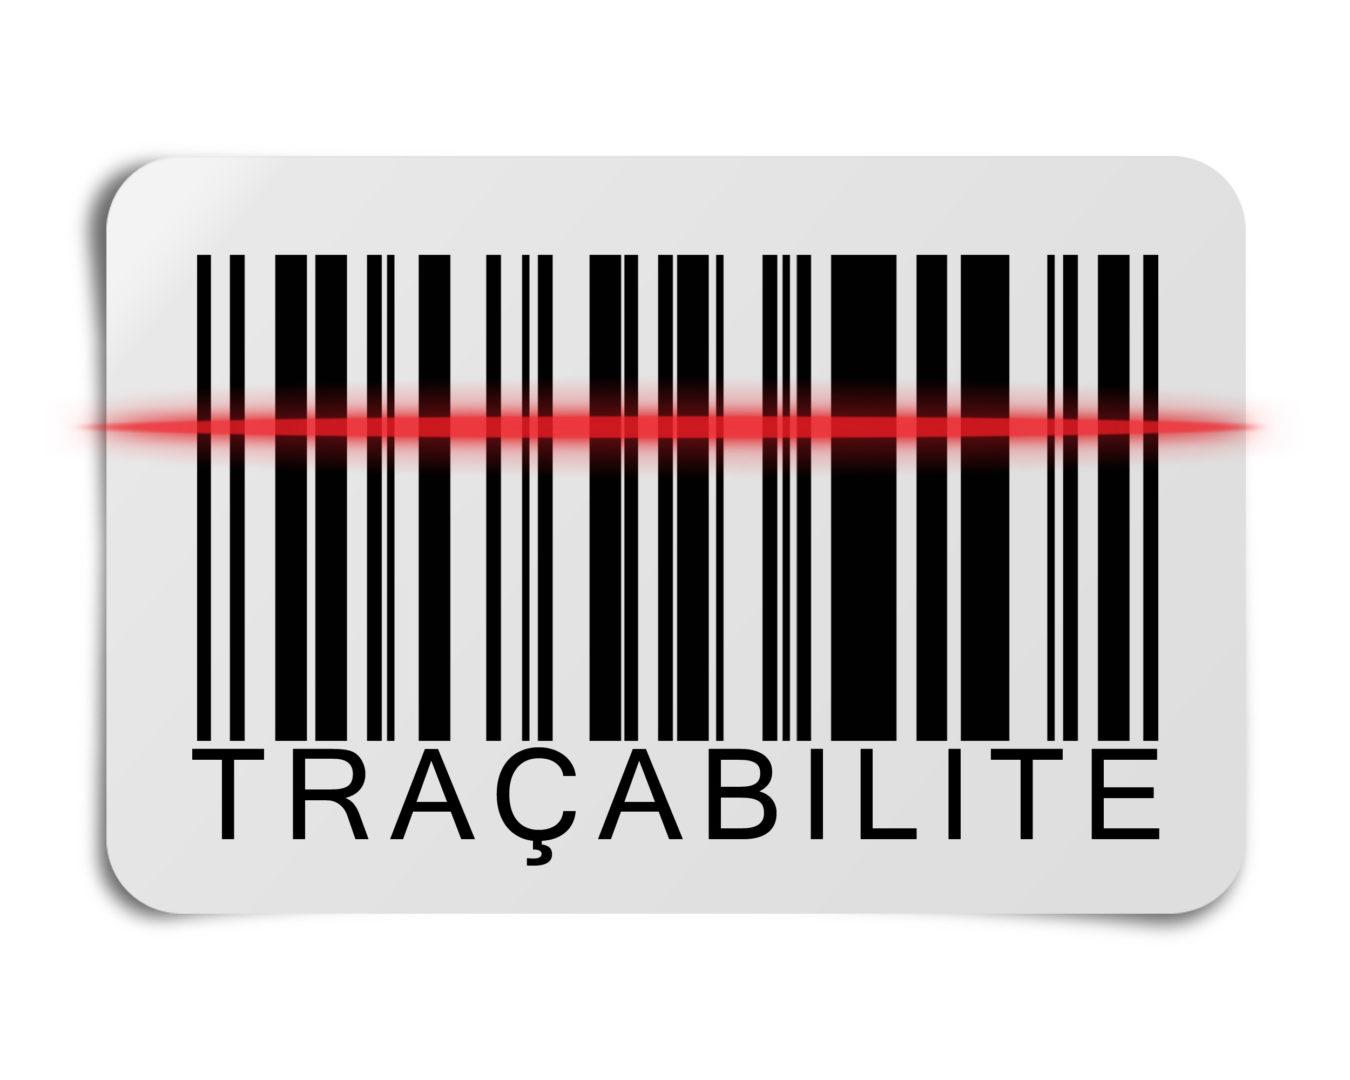 Traçabilité, code barre, lecture par scanner